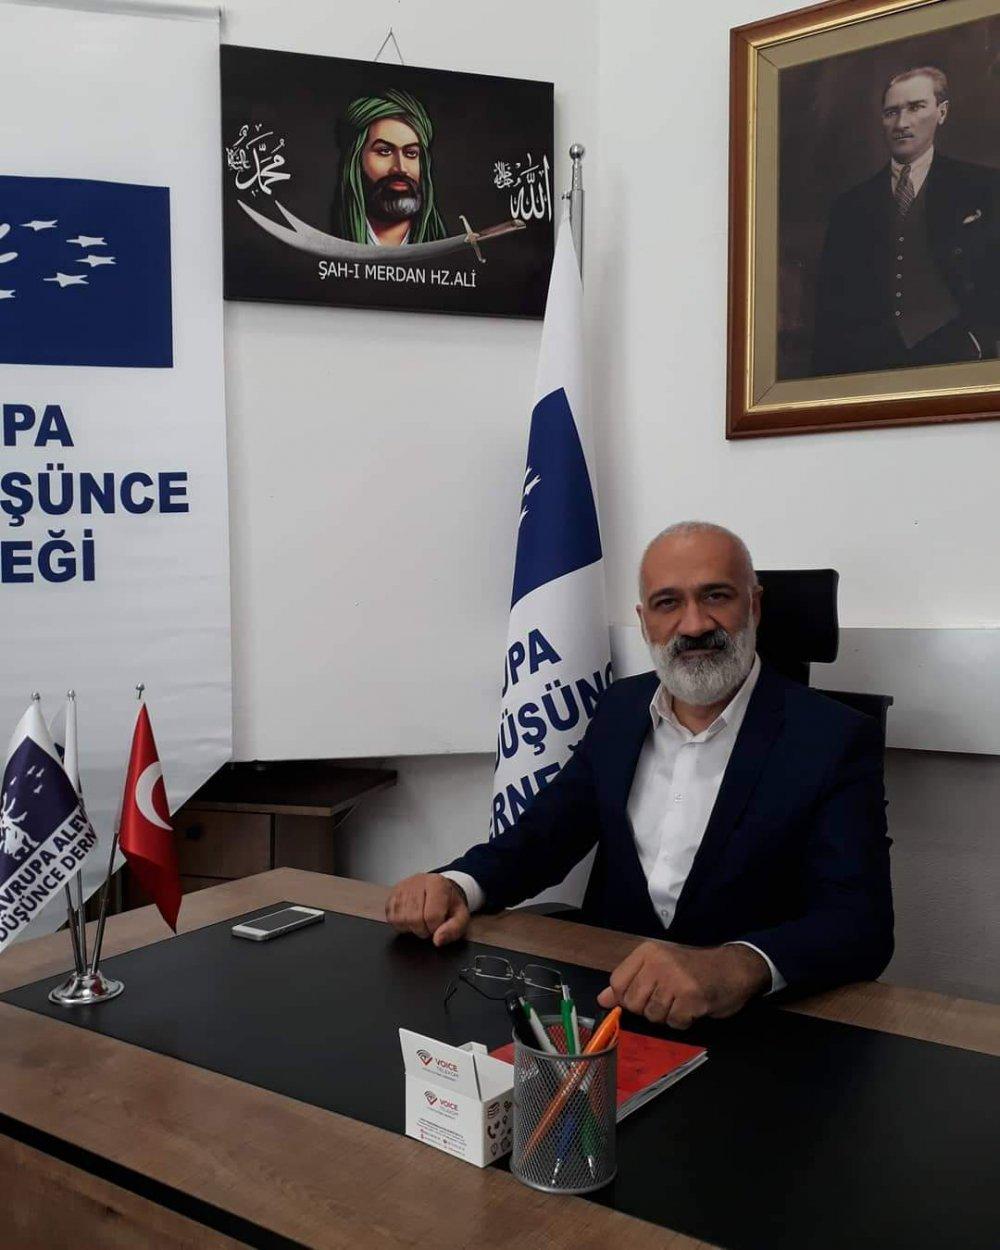 İsmet Abbasoğlu